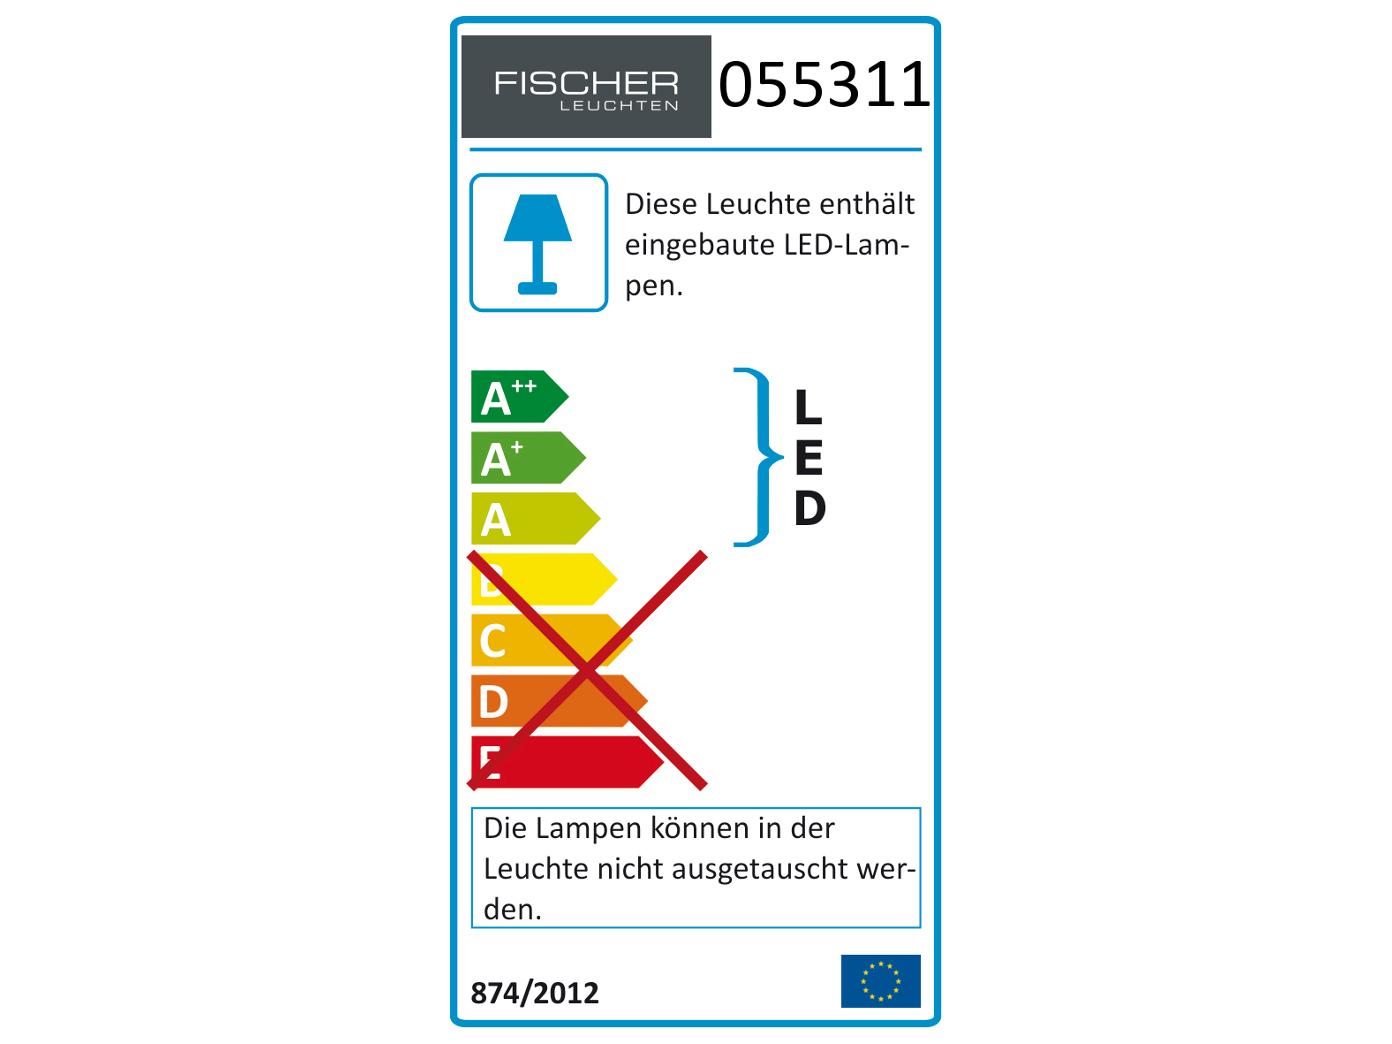 Dimmbare-LED-Deckenlampe-Nickel-antik-Glas-weiss-IP54-Fischer-Leuchten